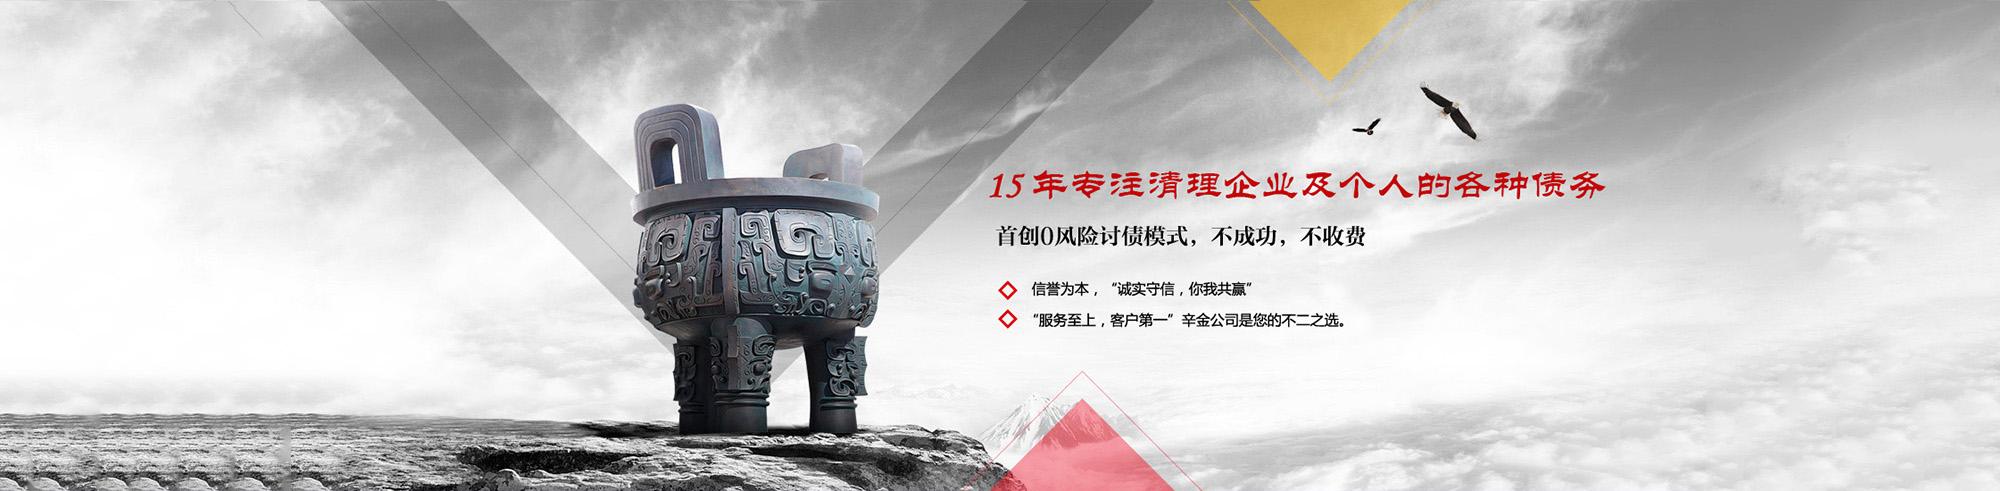 杭州最好的讨债公司